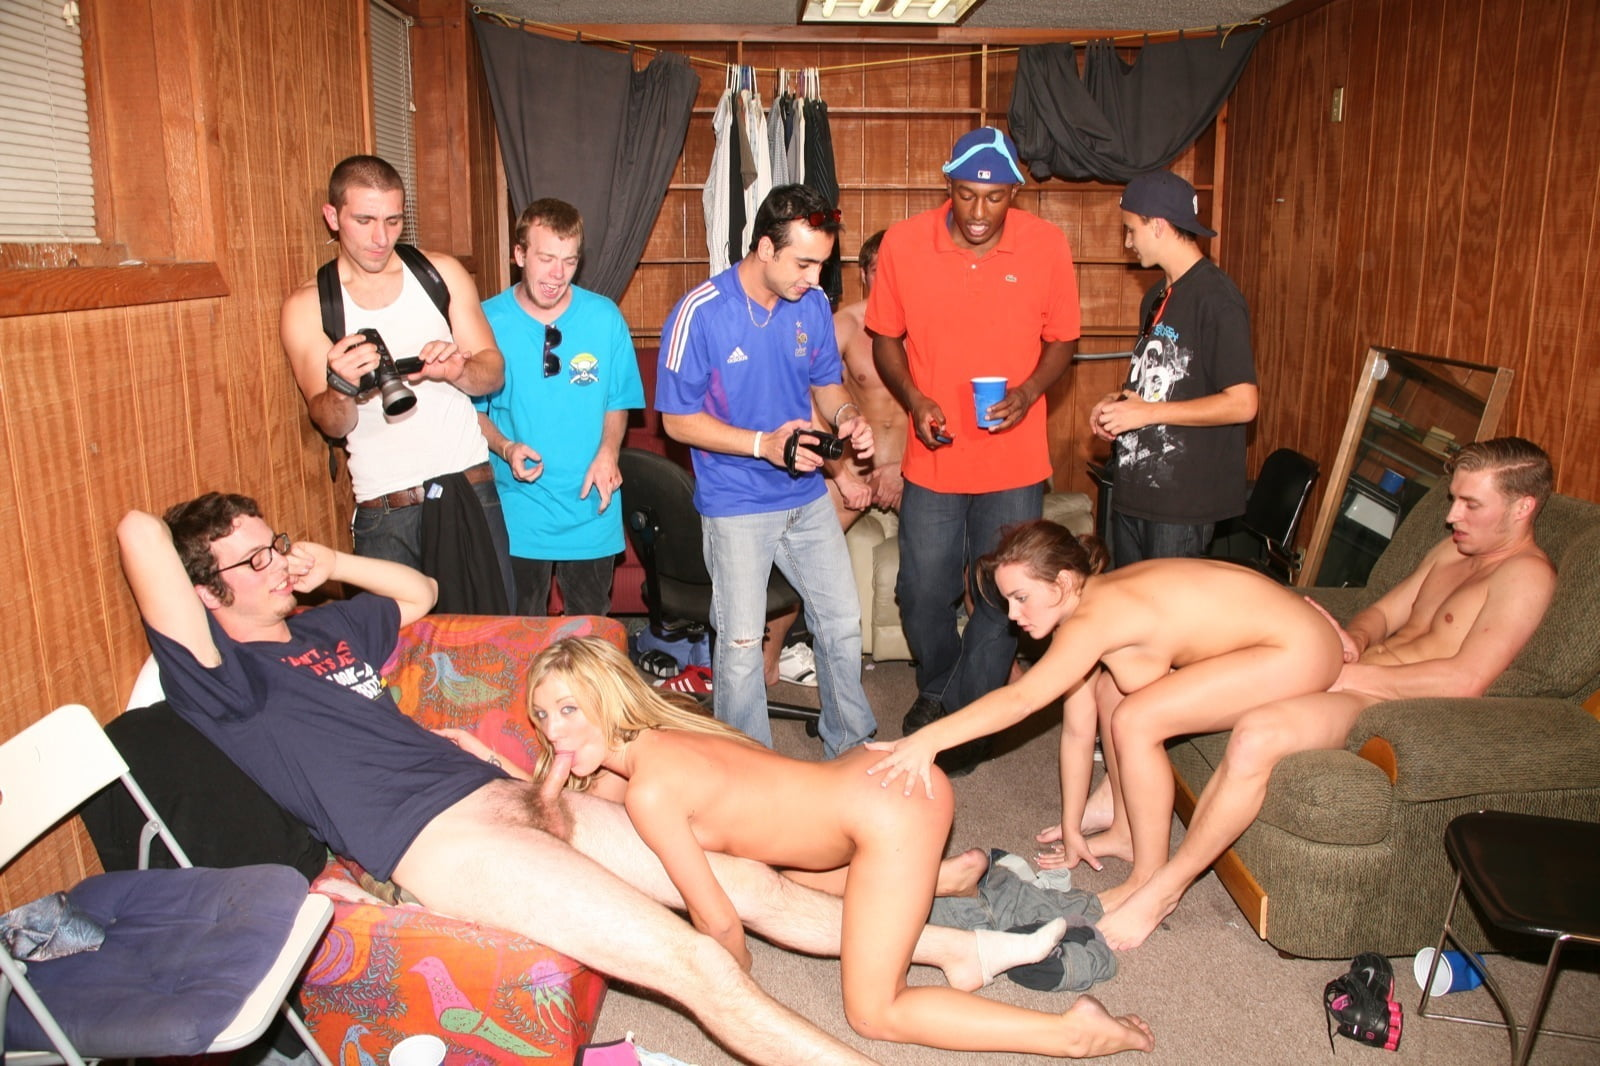 Садо мазо секс групповой 10 фотография